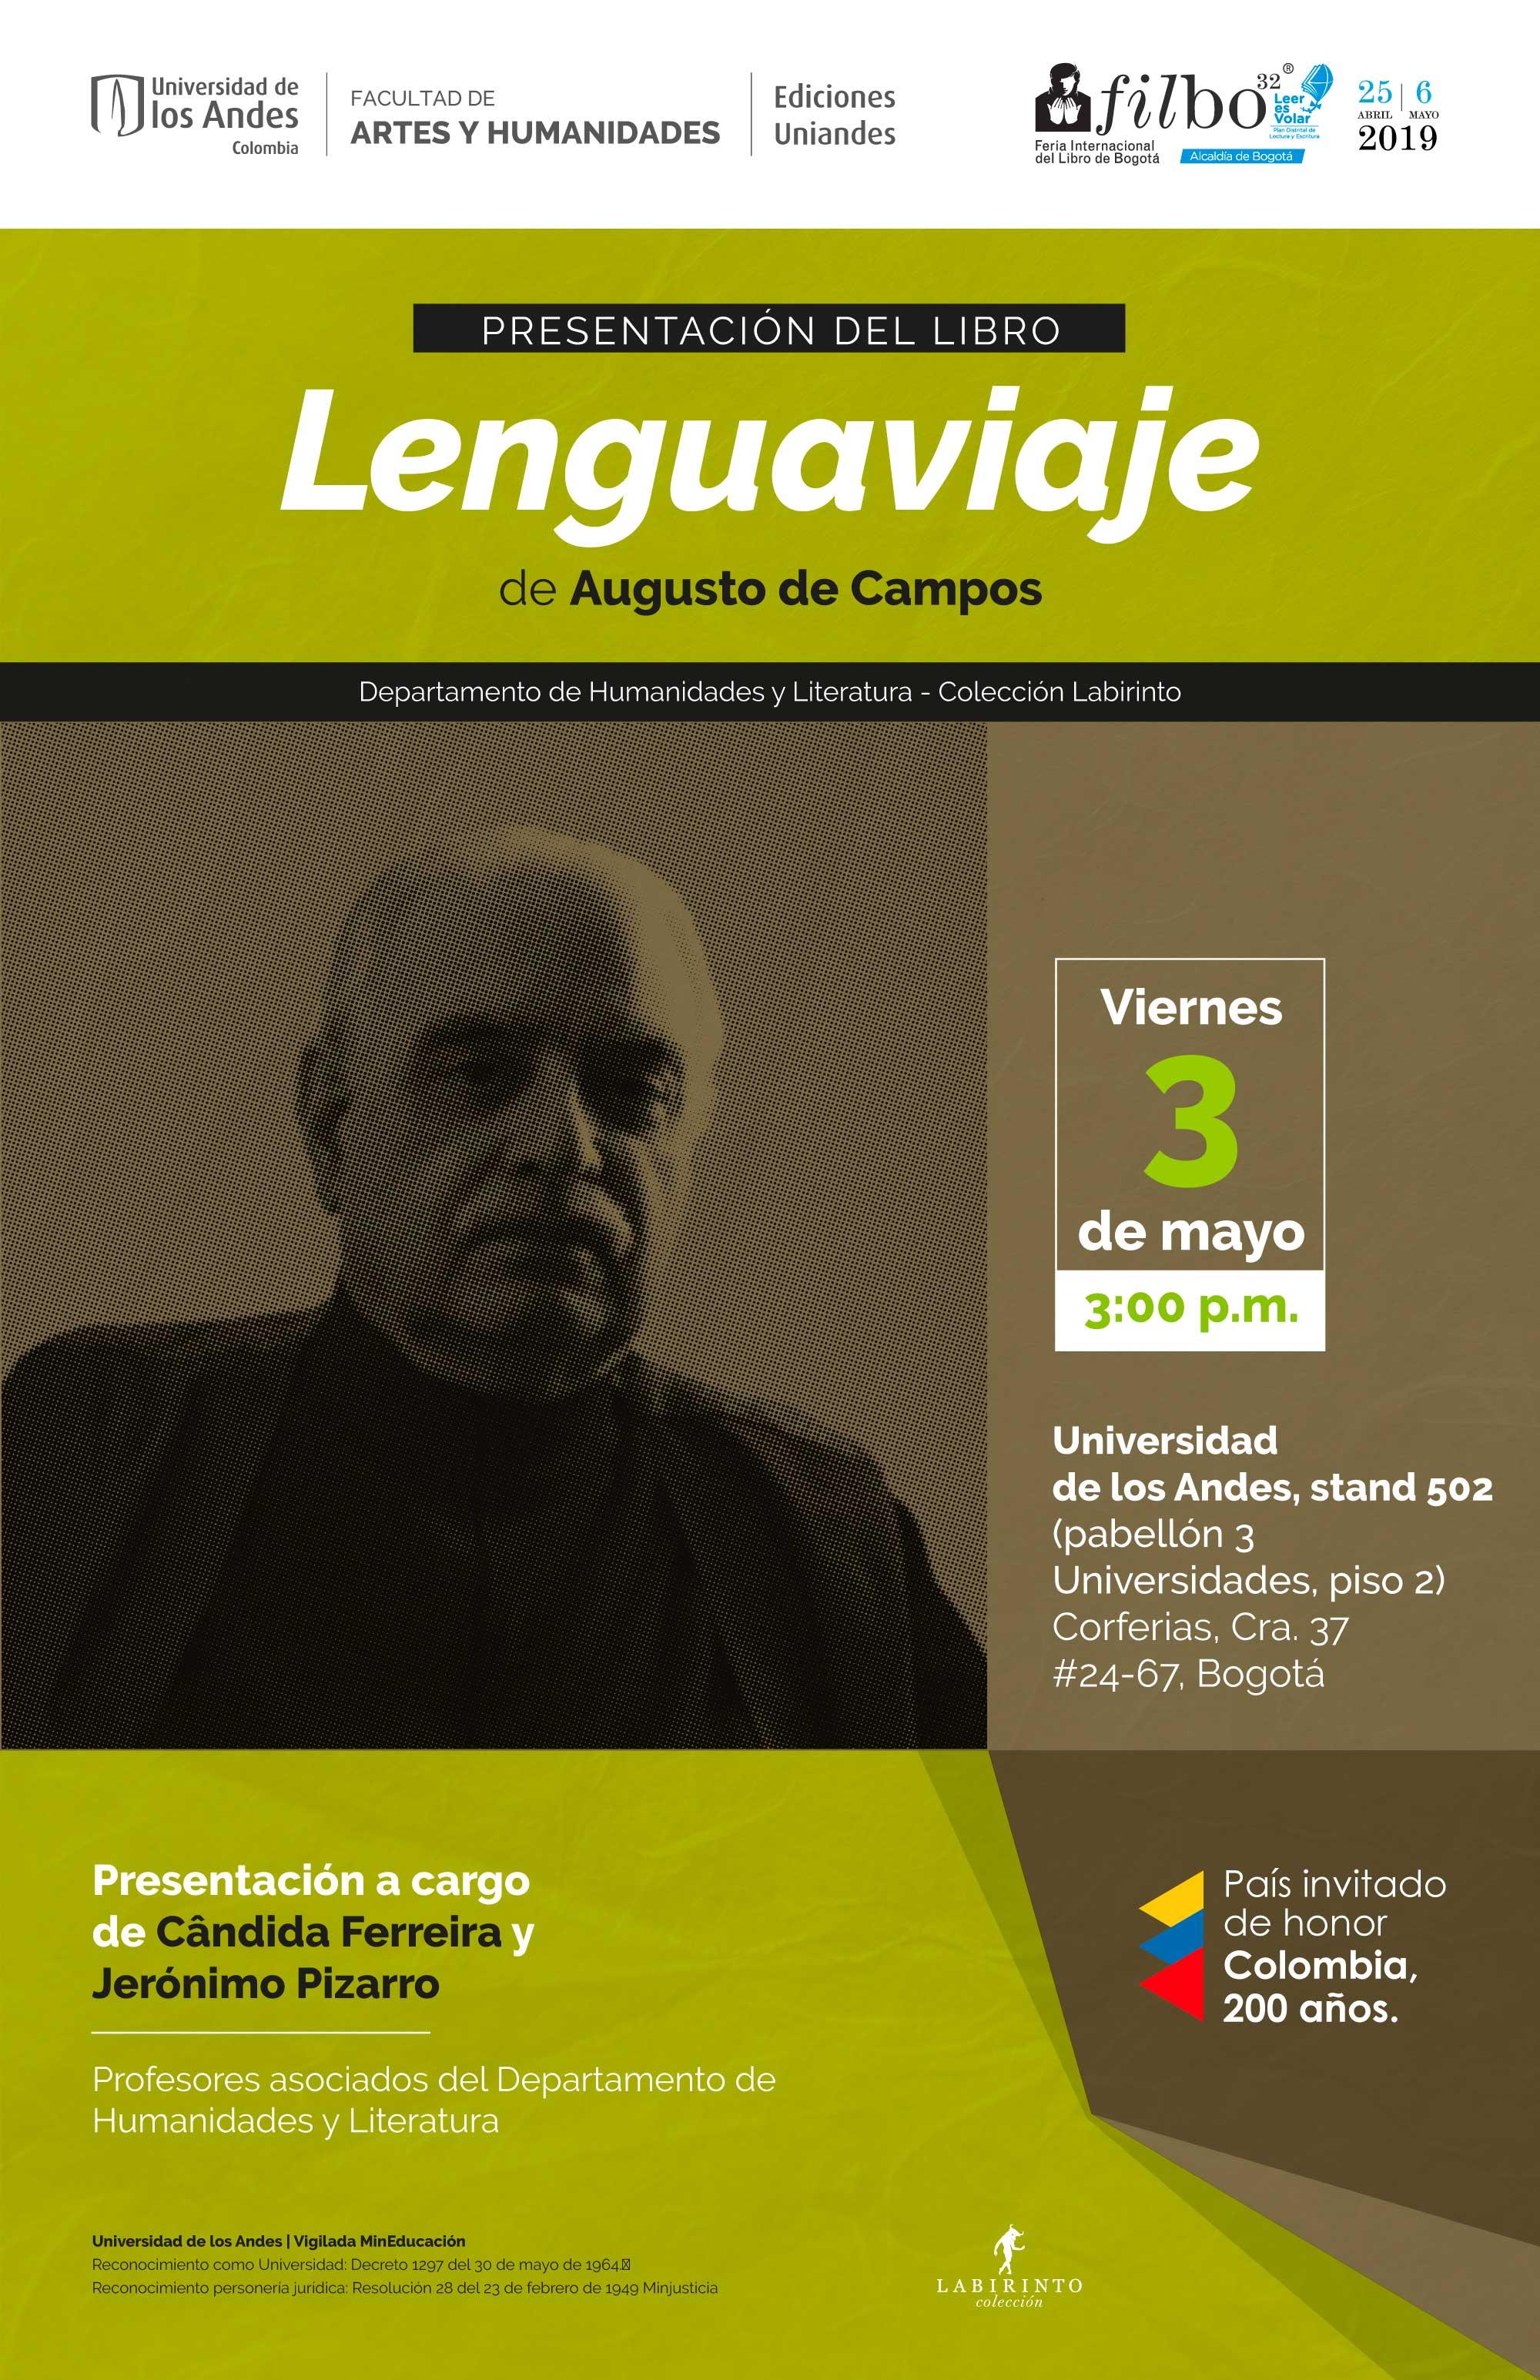 Presentación del libro Lenguaviaje